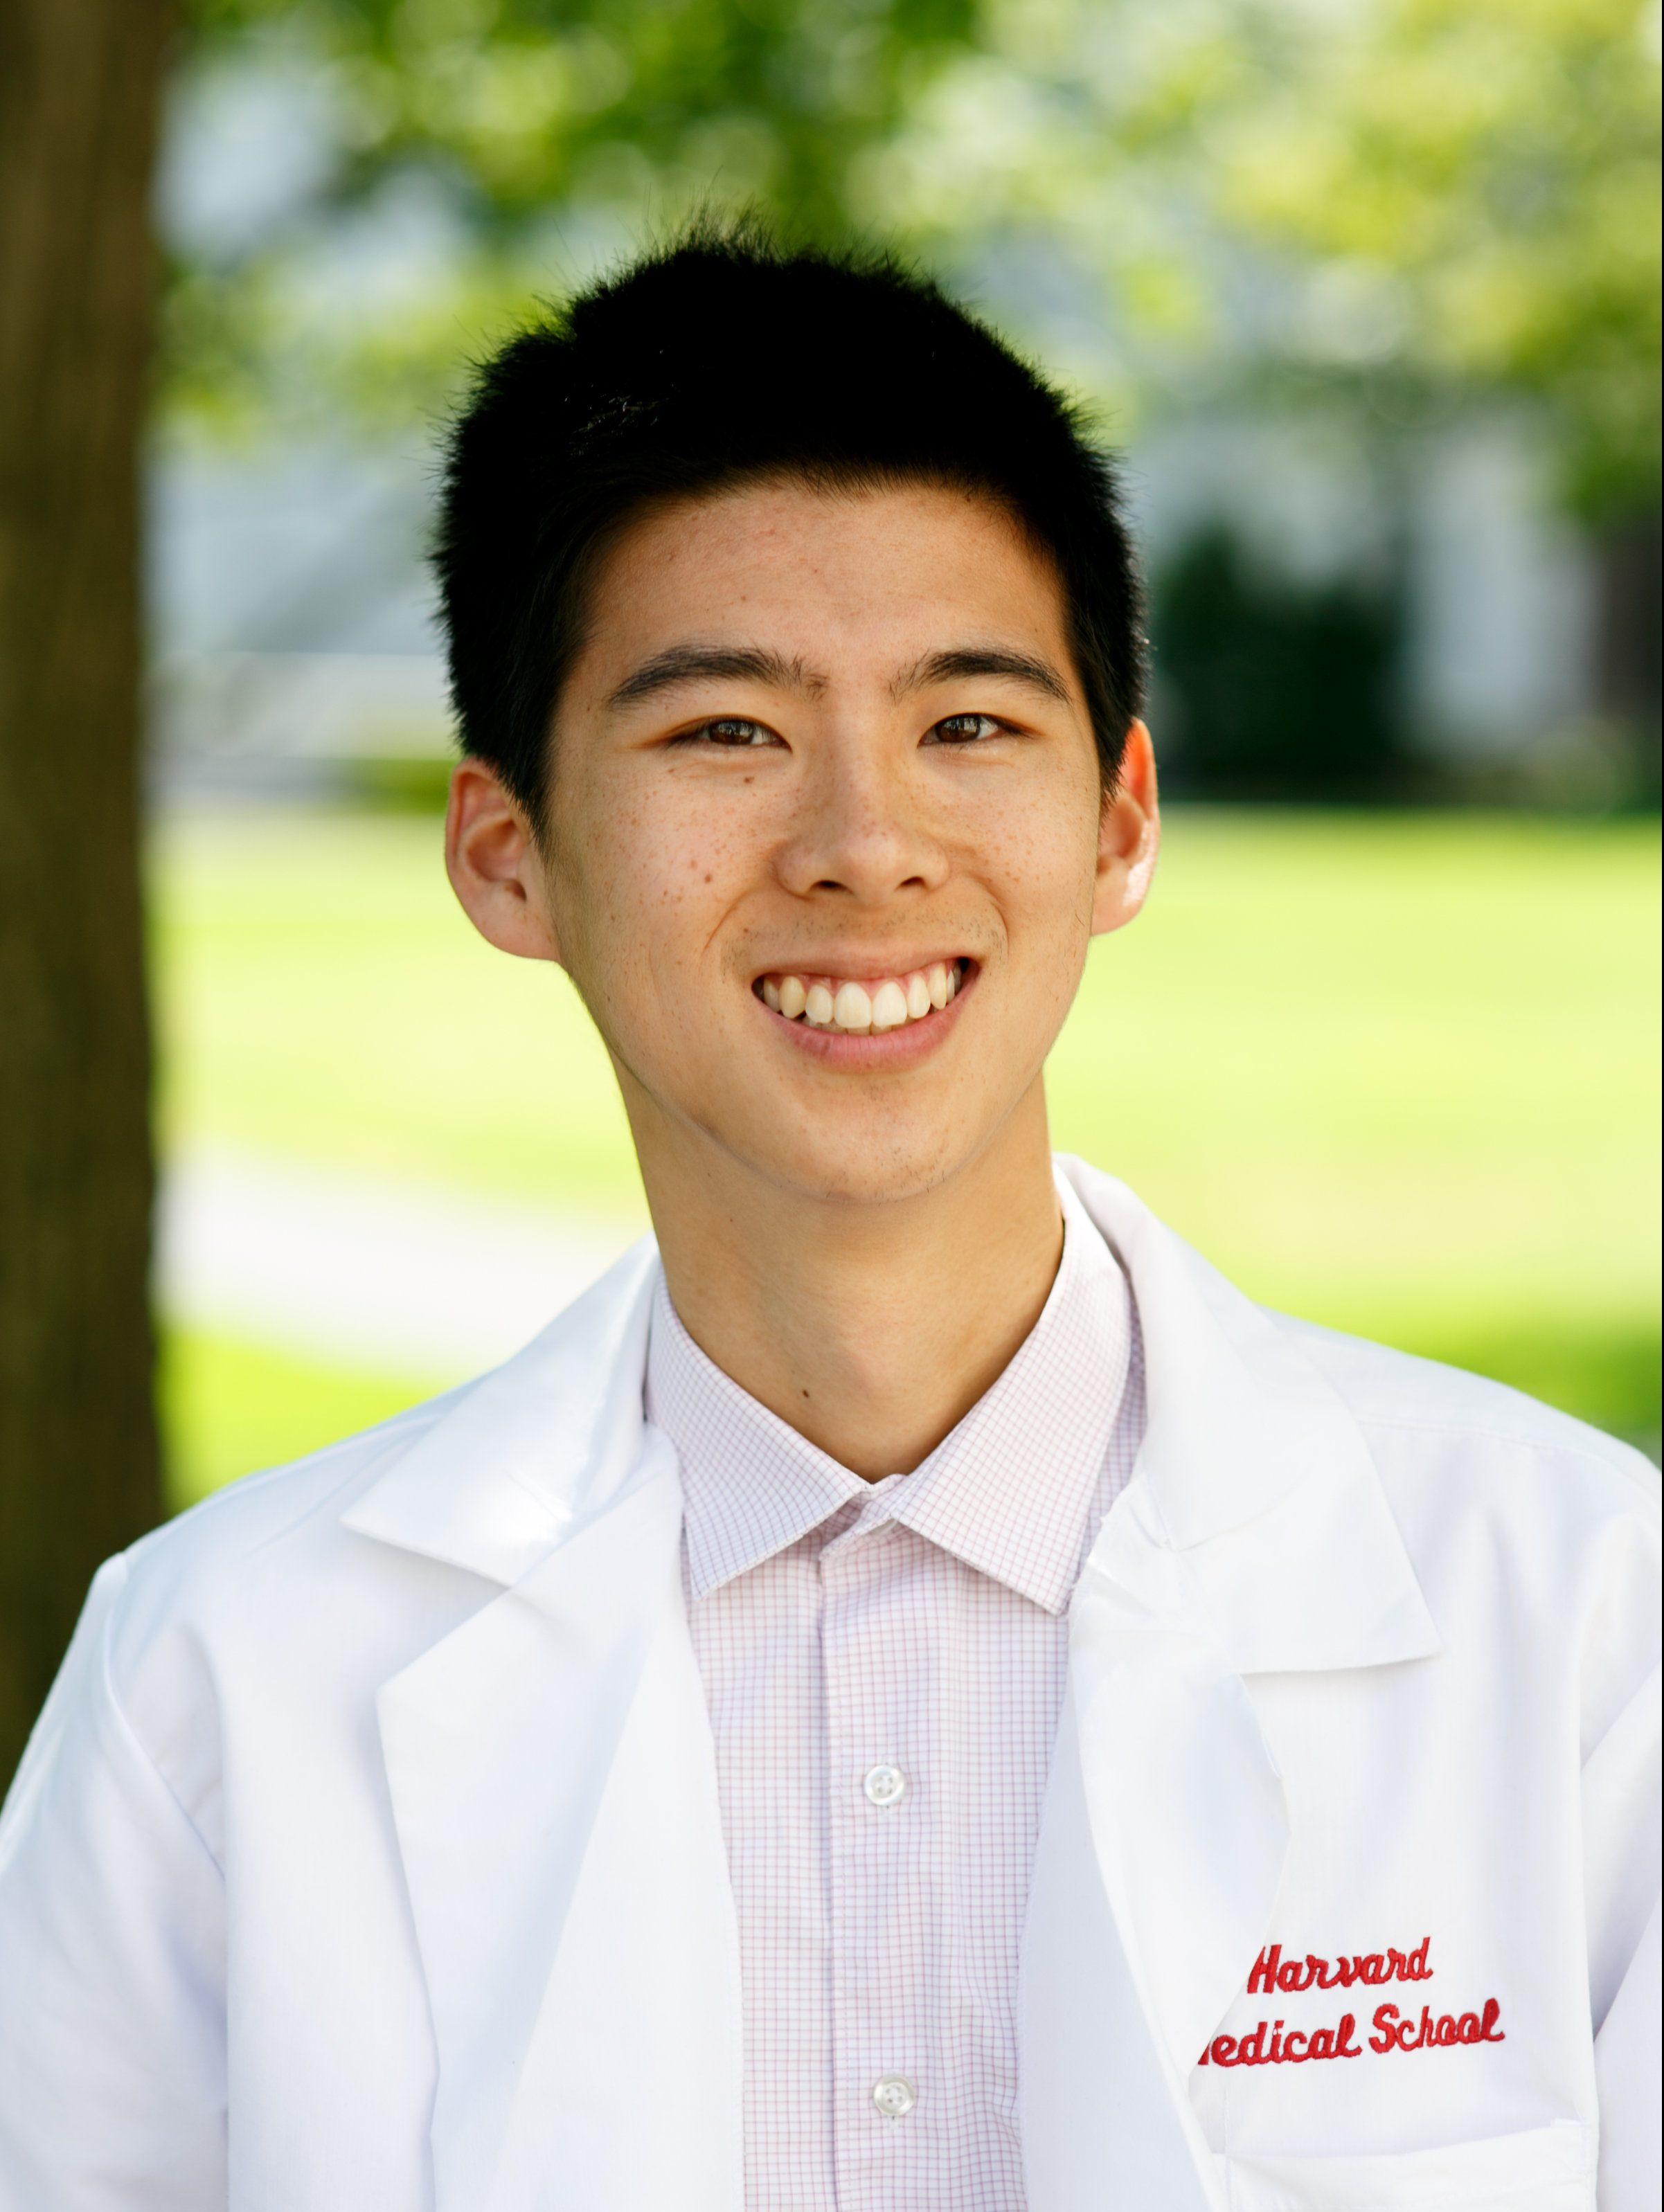 Sean Wang, Summer Student Fellow